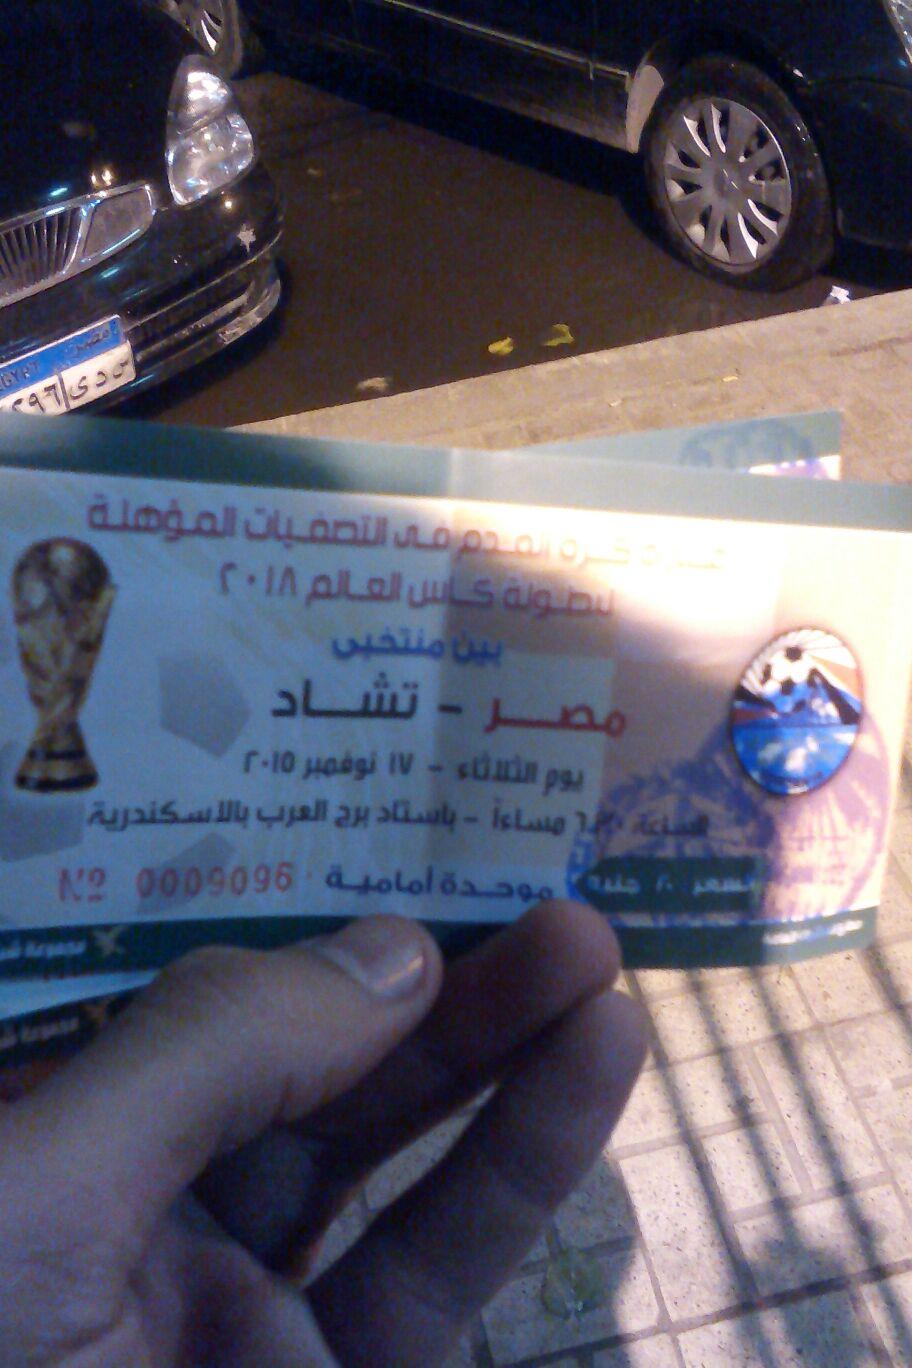 بالصور.. زحام على نادي الاتحاد السكندري.. وقفز على الأسوار للفوز بتذكرة مباراة مصر وتشاد